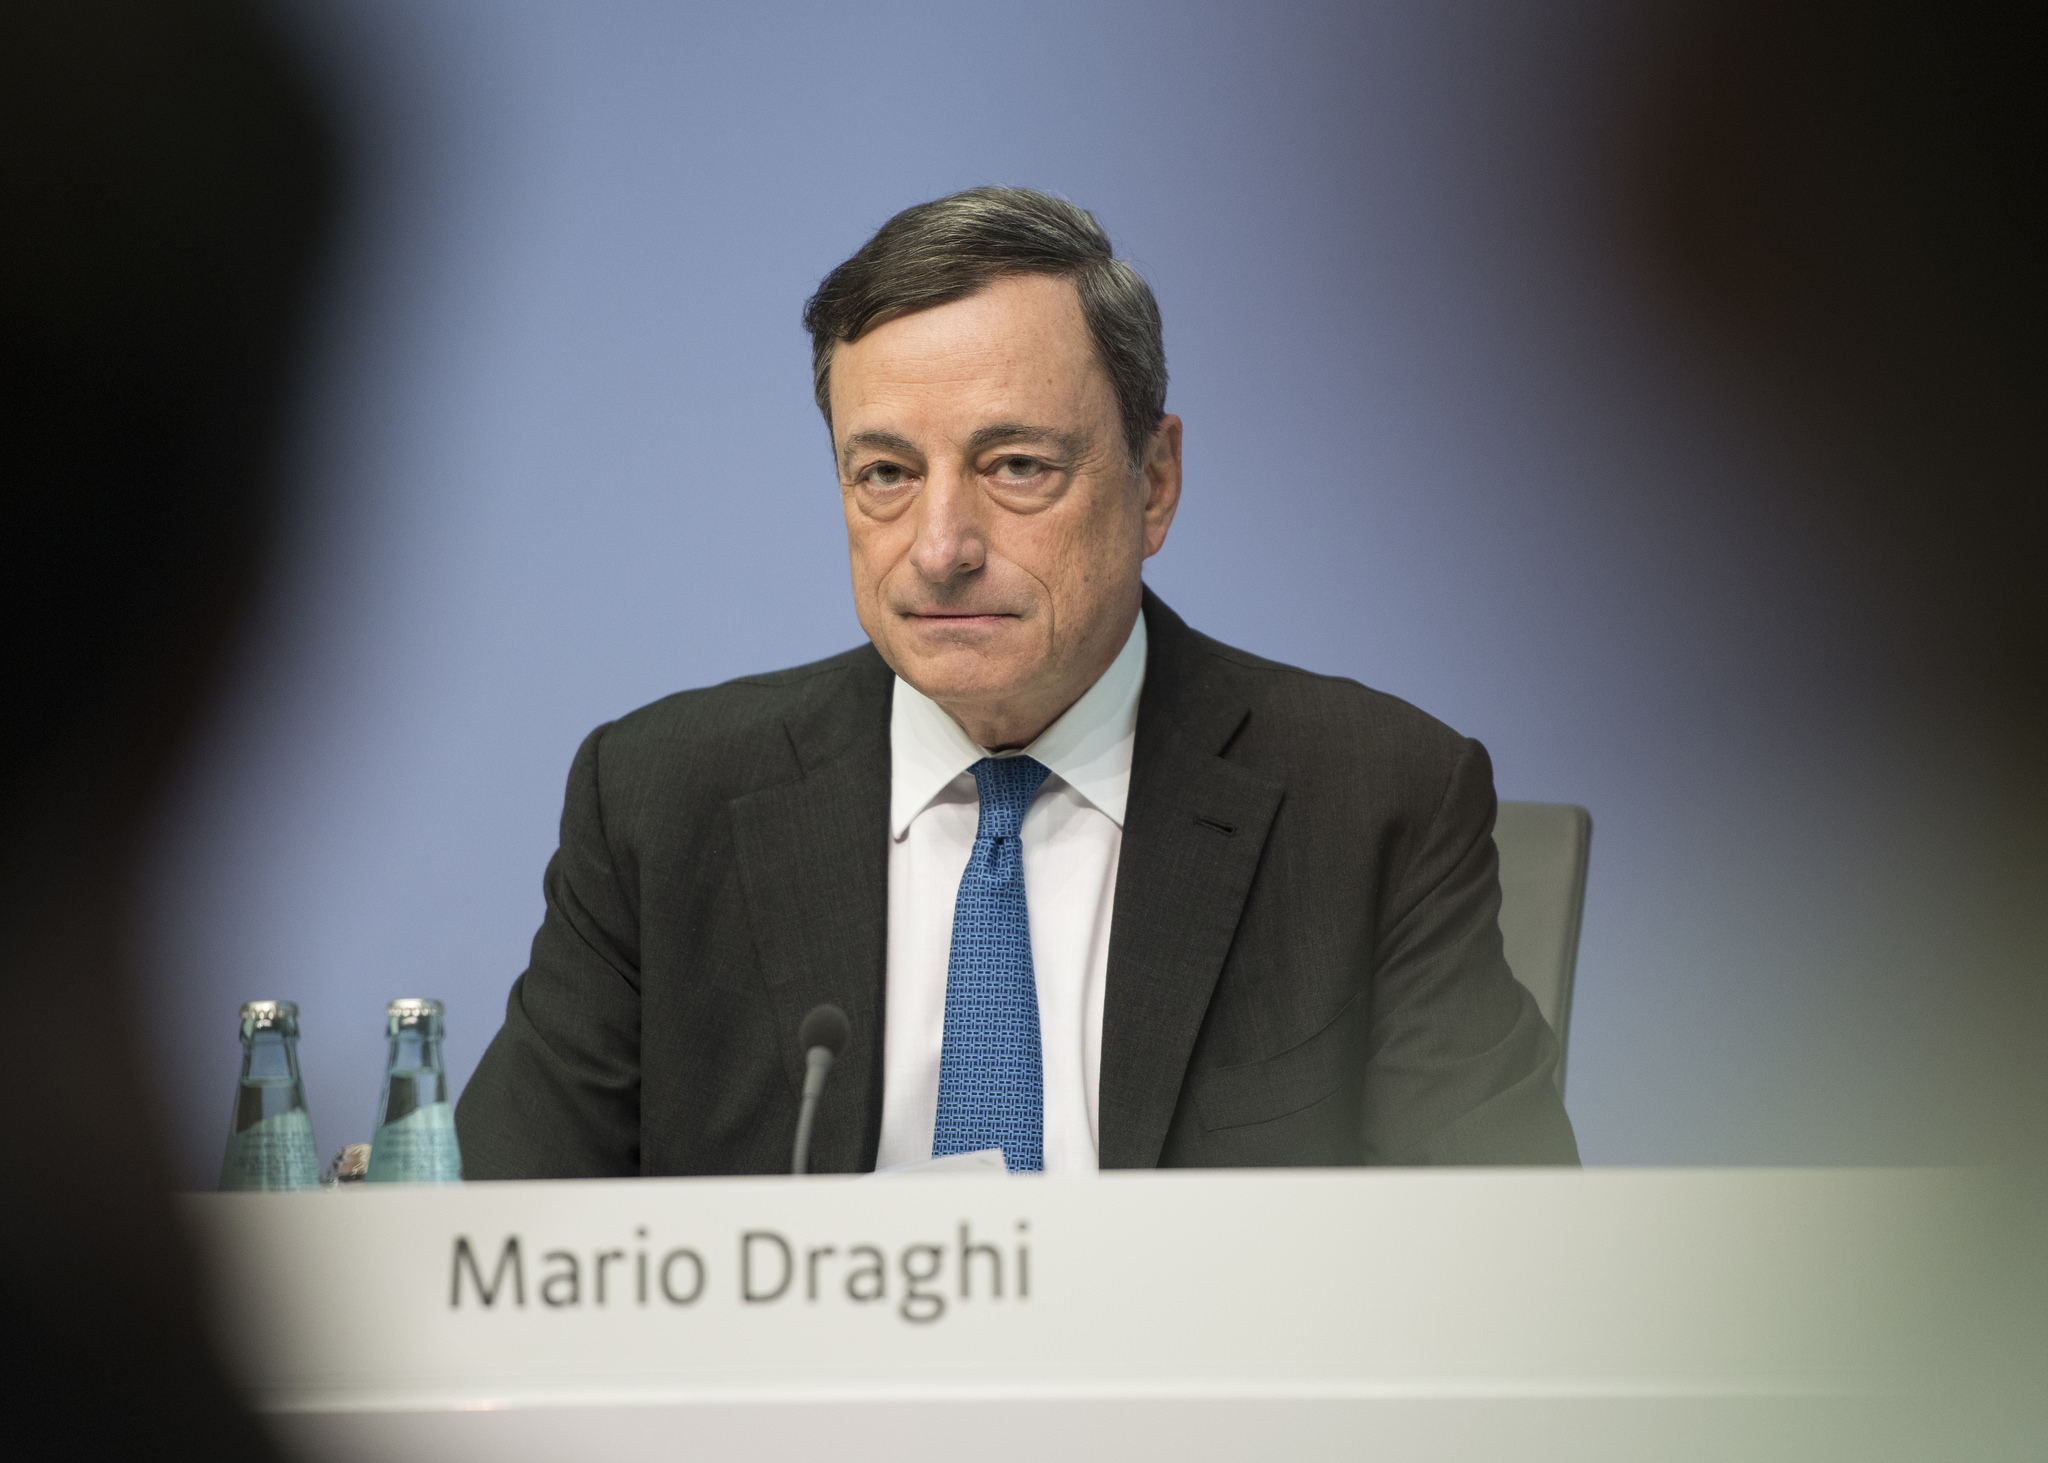 Mario Draghi, Banca Centrale Europea